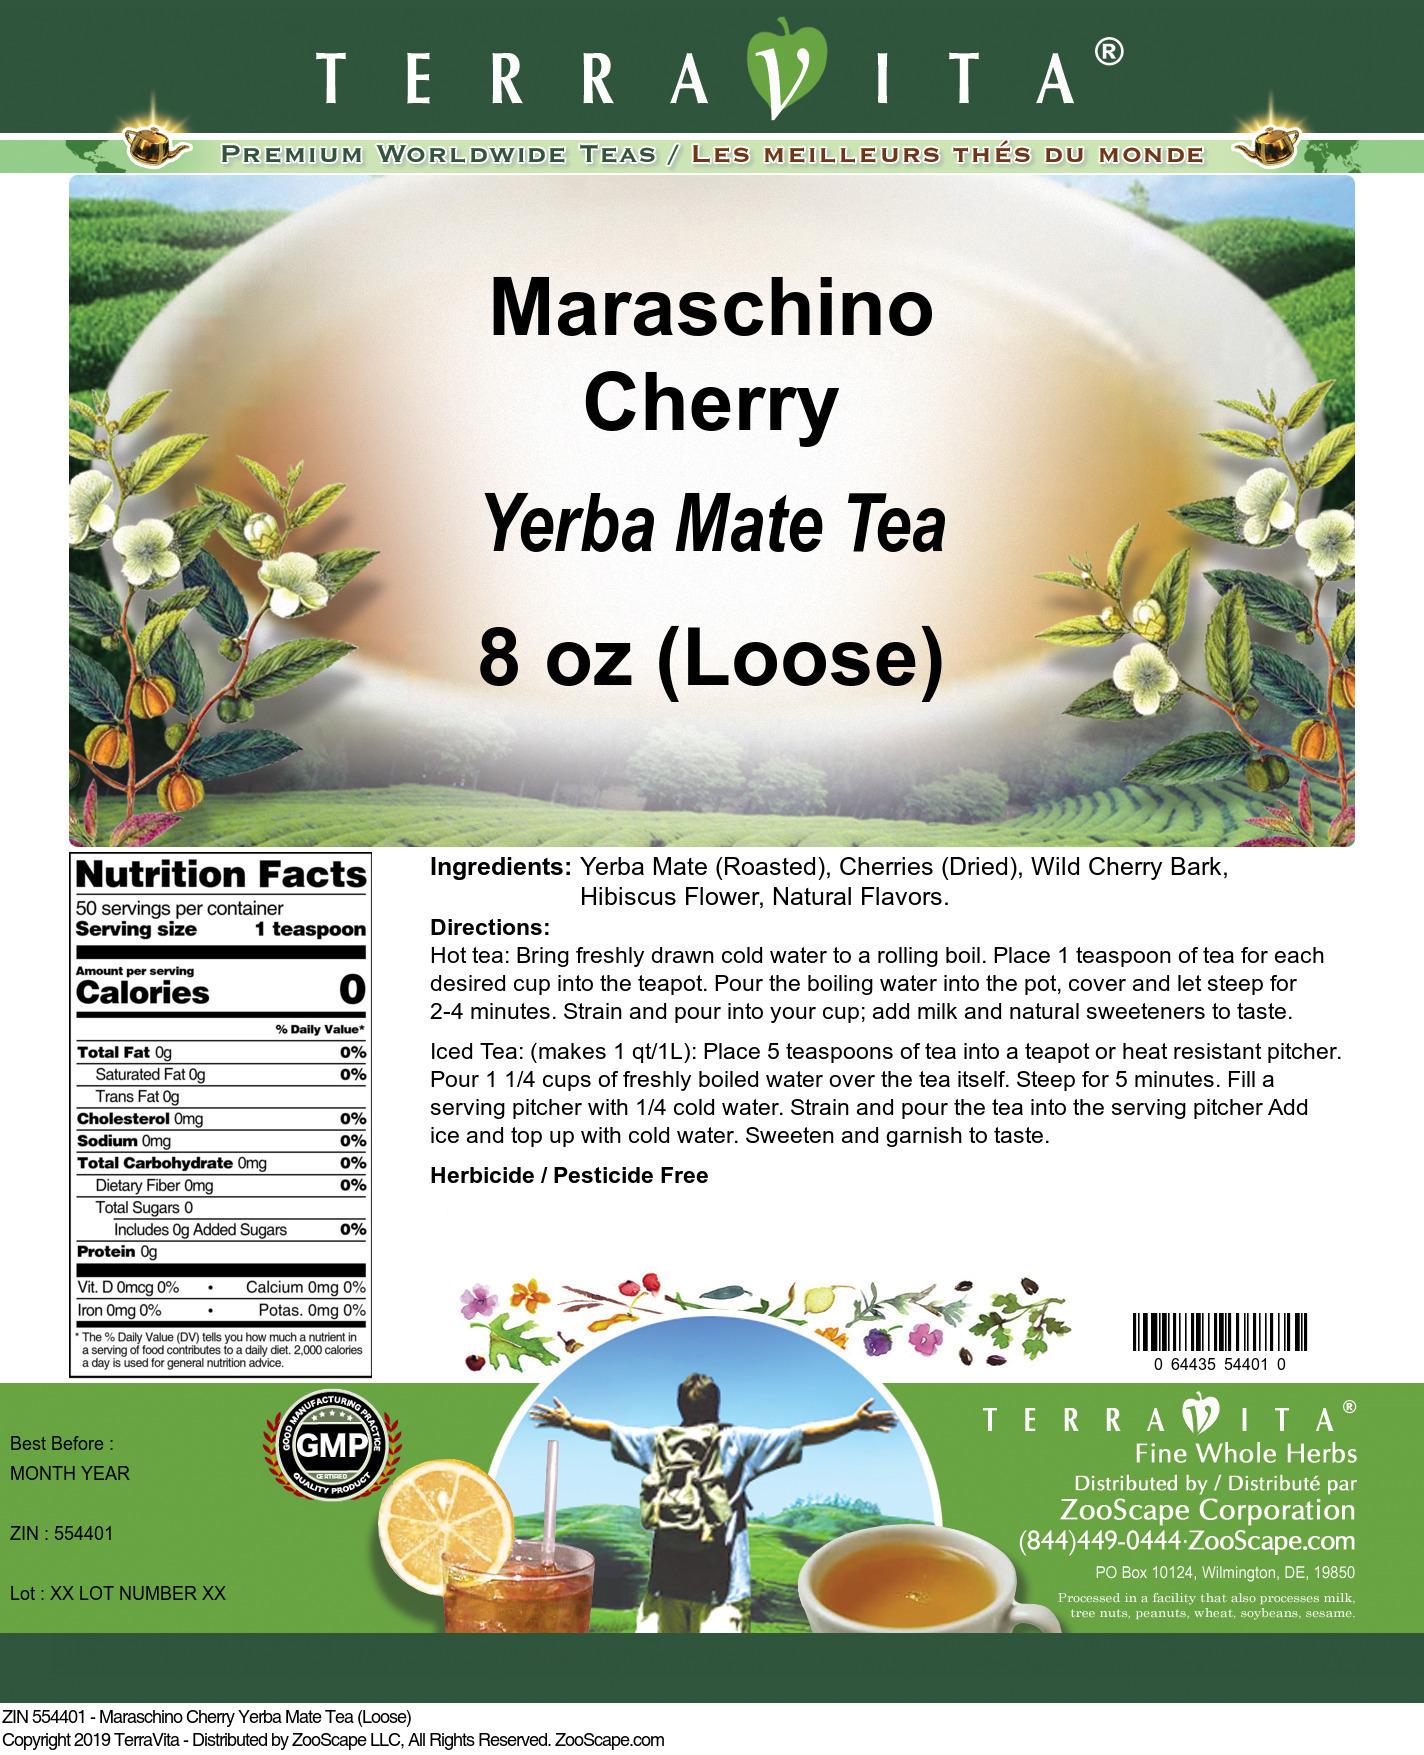 Maraschino Cherry Yerba Mate